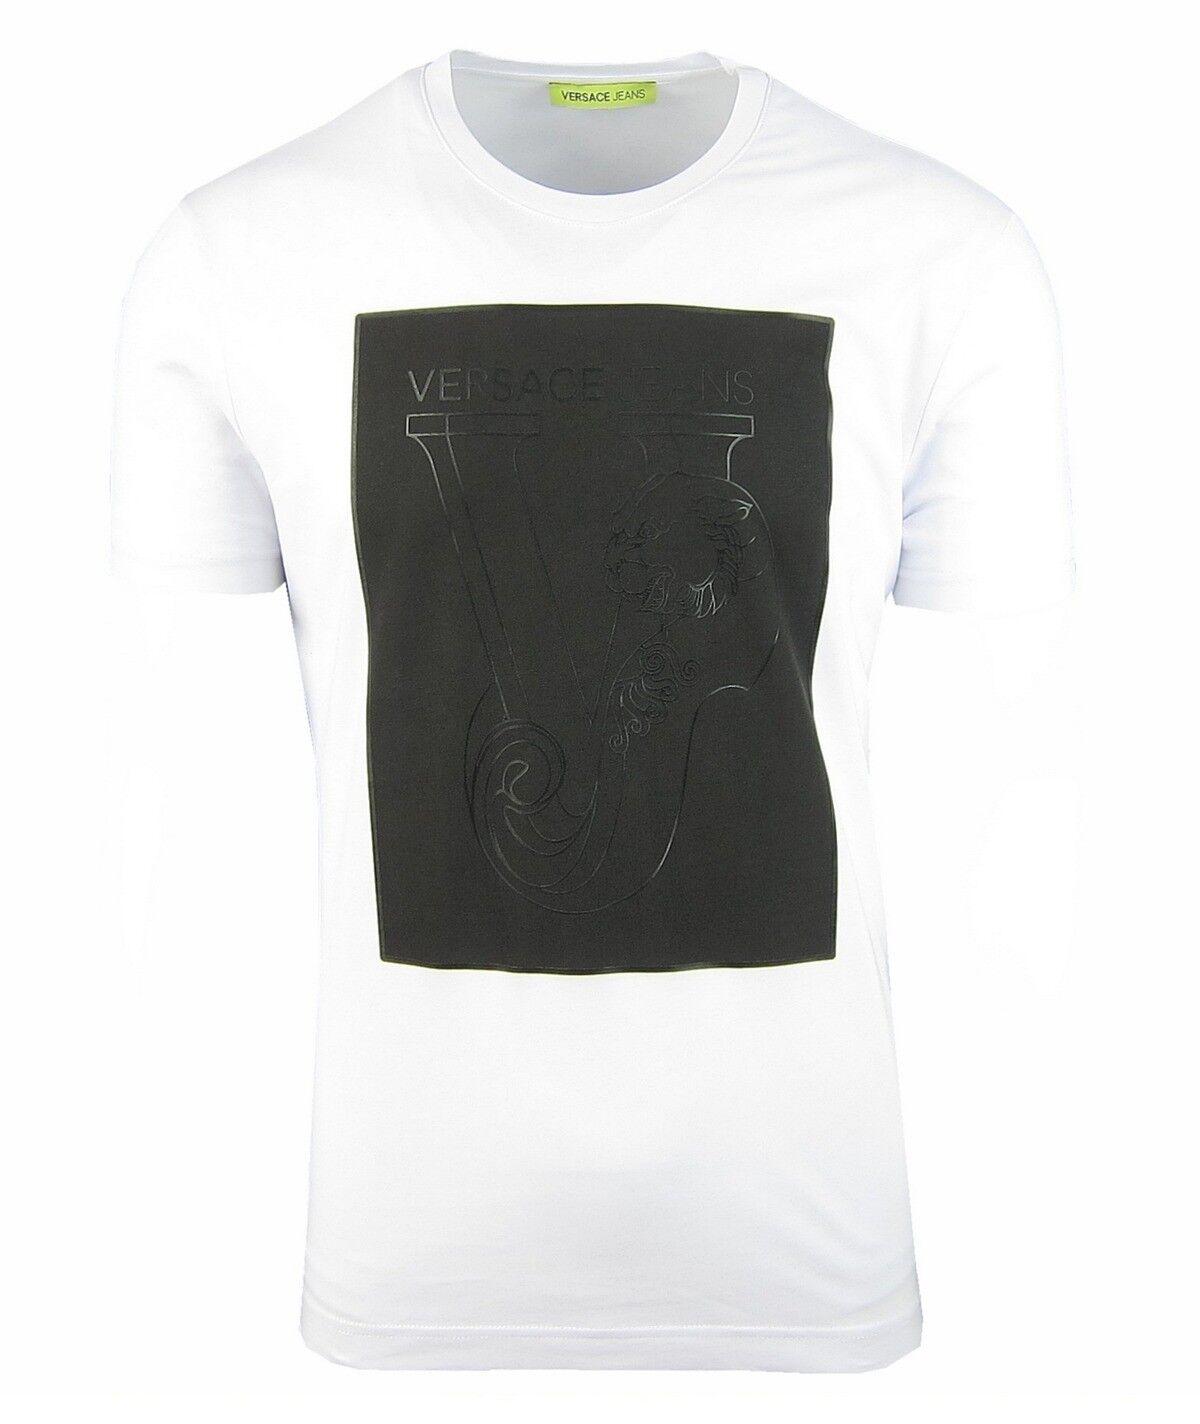 VERSACE JEANS B3GQB798 Herren Men T-Shirt Kurzarm Kurzarm Kurzarm Weiß Weiß S,M.L,XL,XXL NEU | Erste Gruppe von Kunden  4a9d49